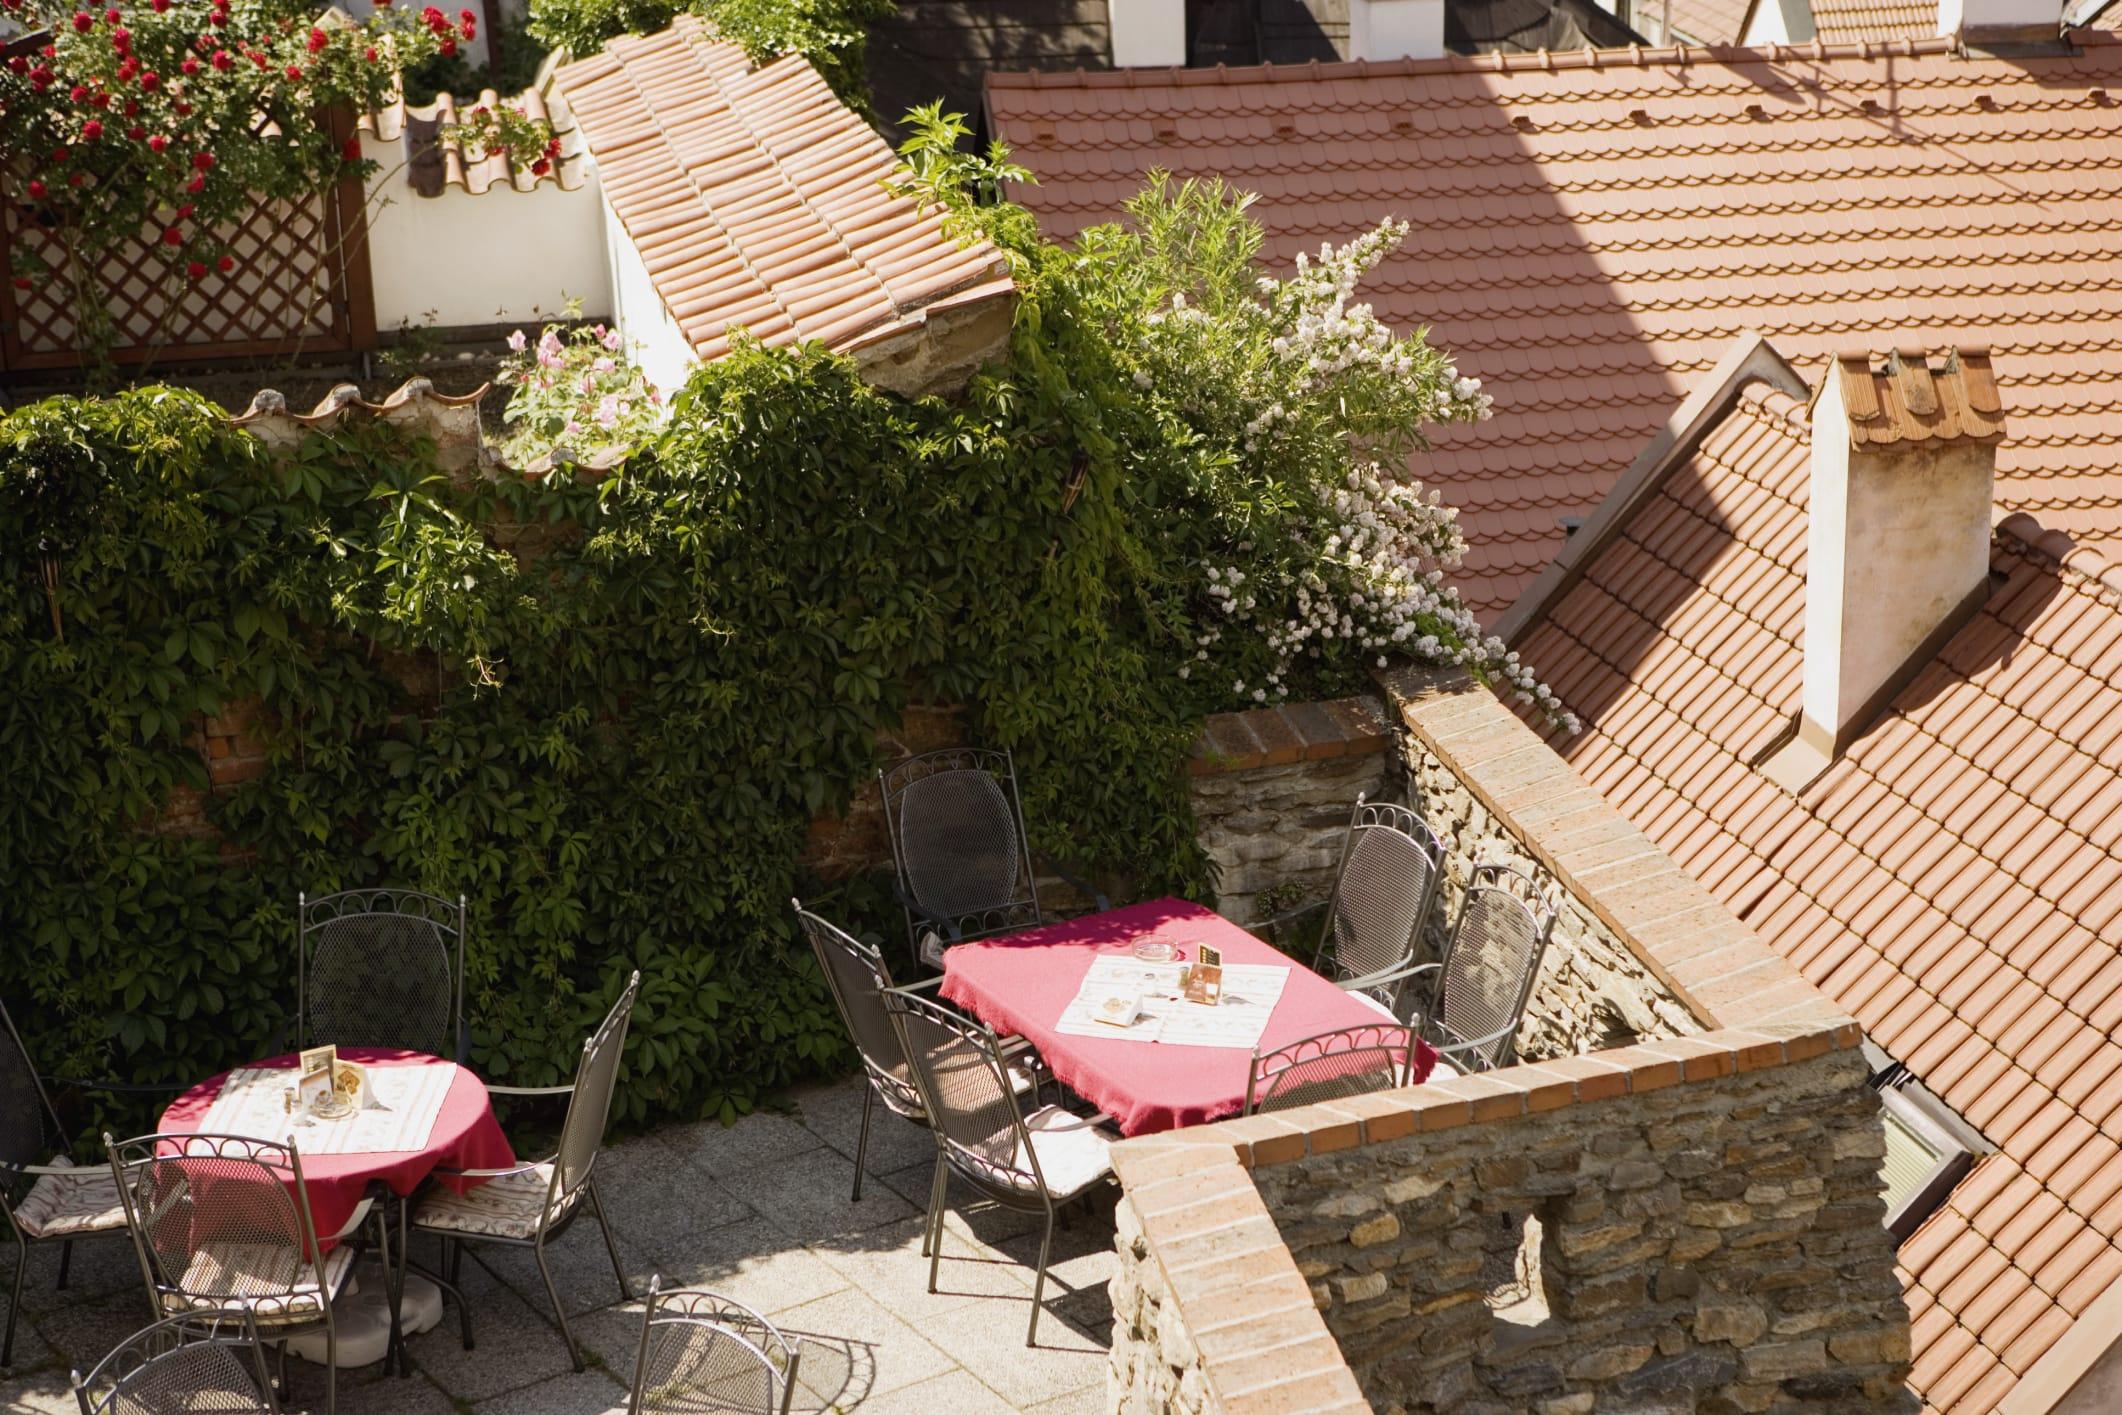 Trasformare il terrazzo in giardino incentivi fiscali - Giardino pensile terrazzo ...